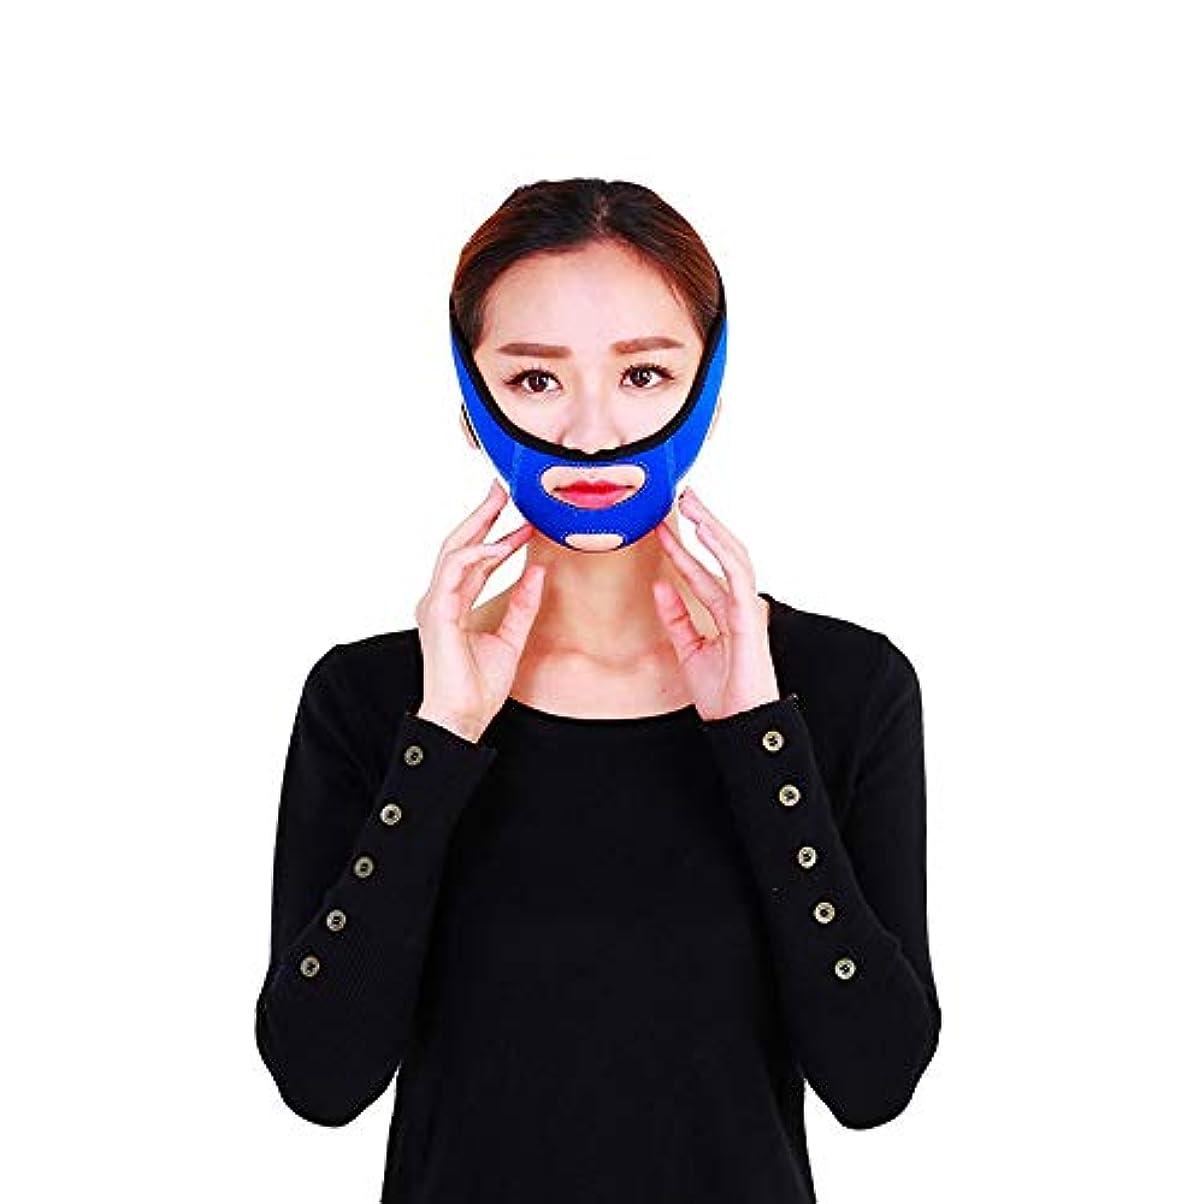 毛皮ホイットニーどうしたのJia Jia- フェイシャルリフティング痩身ベルトフェーススリム二重あごを取り除くアンチエイジングリンクルフェイス包帯マスク整形マスクが顔を引き締める 顔面包帯